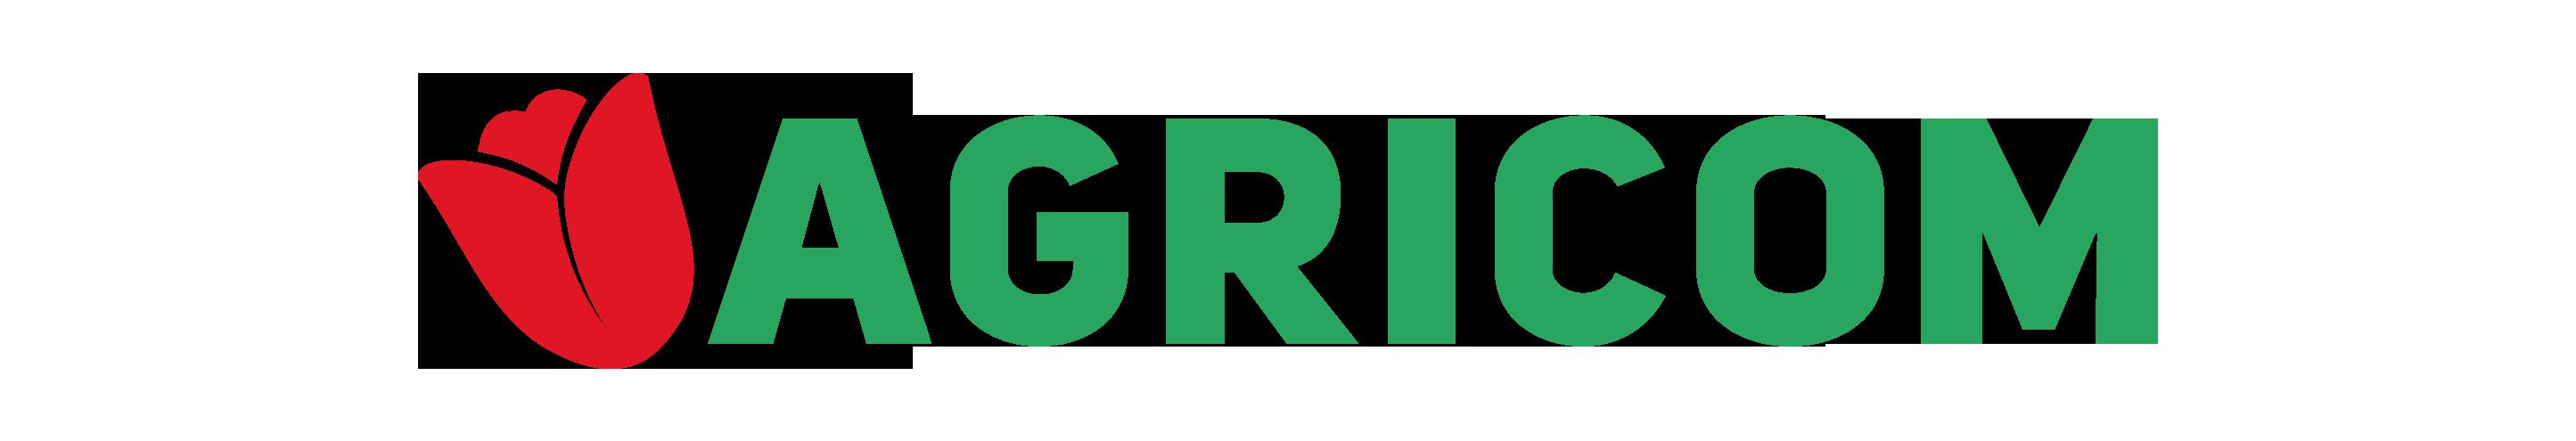 AGRICOM-logo-mobile